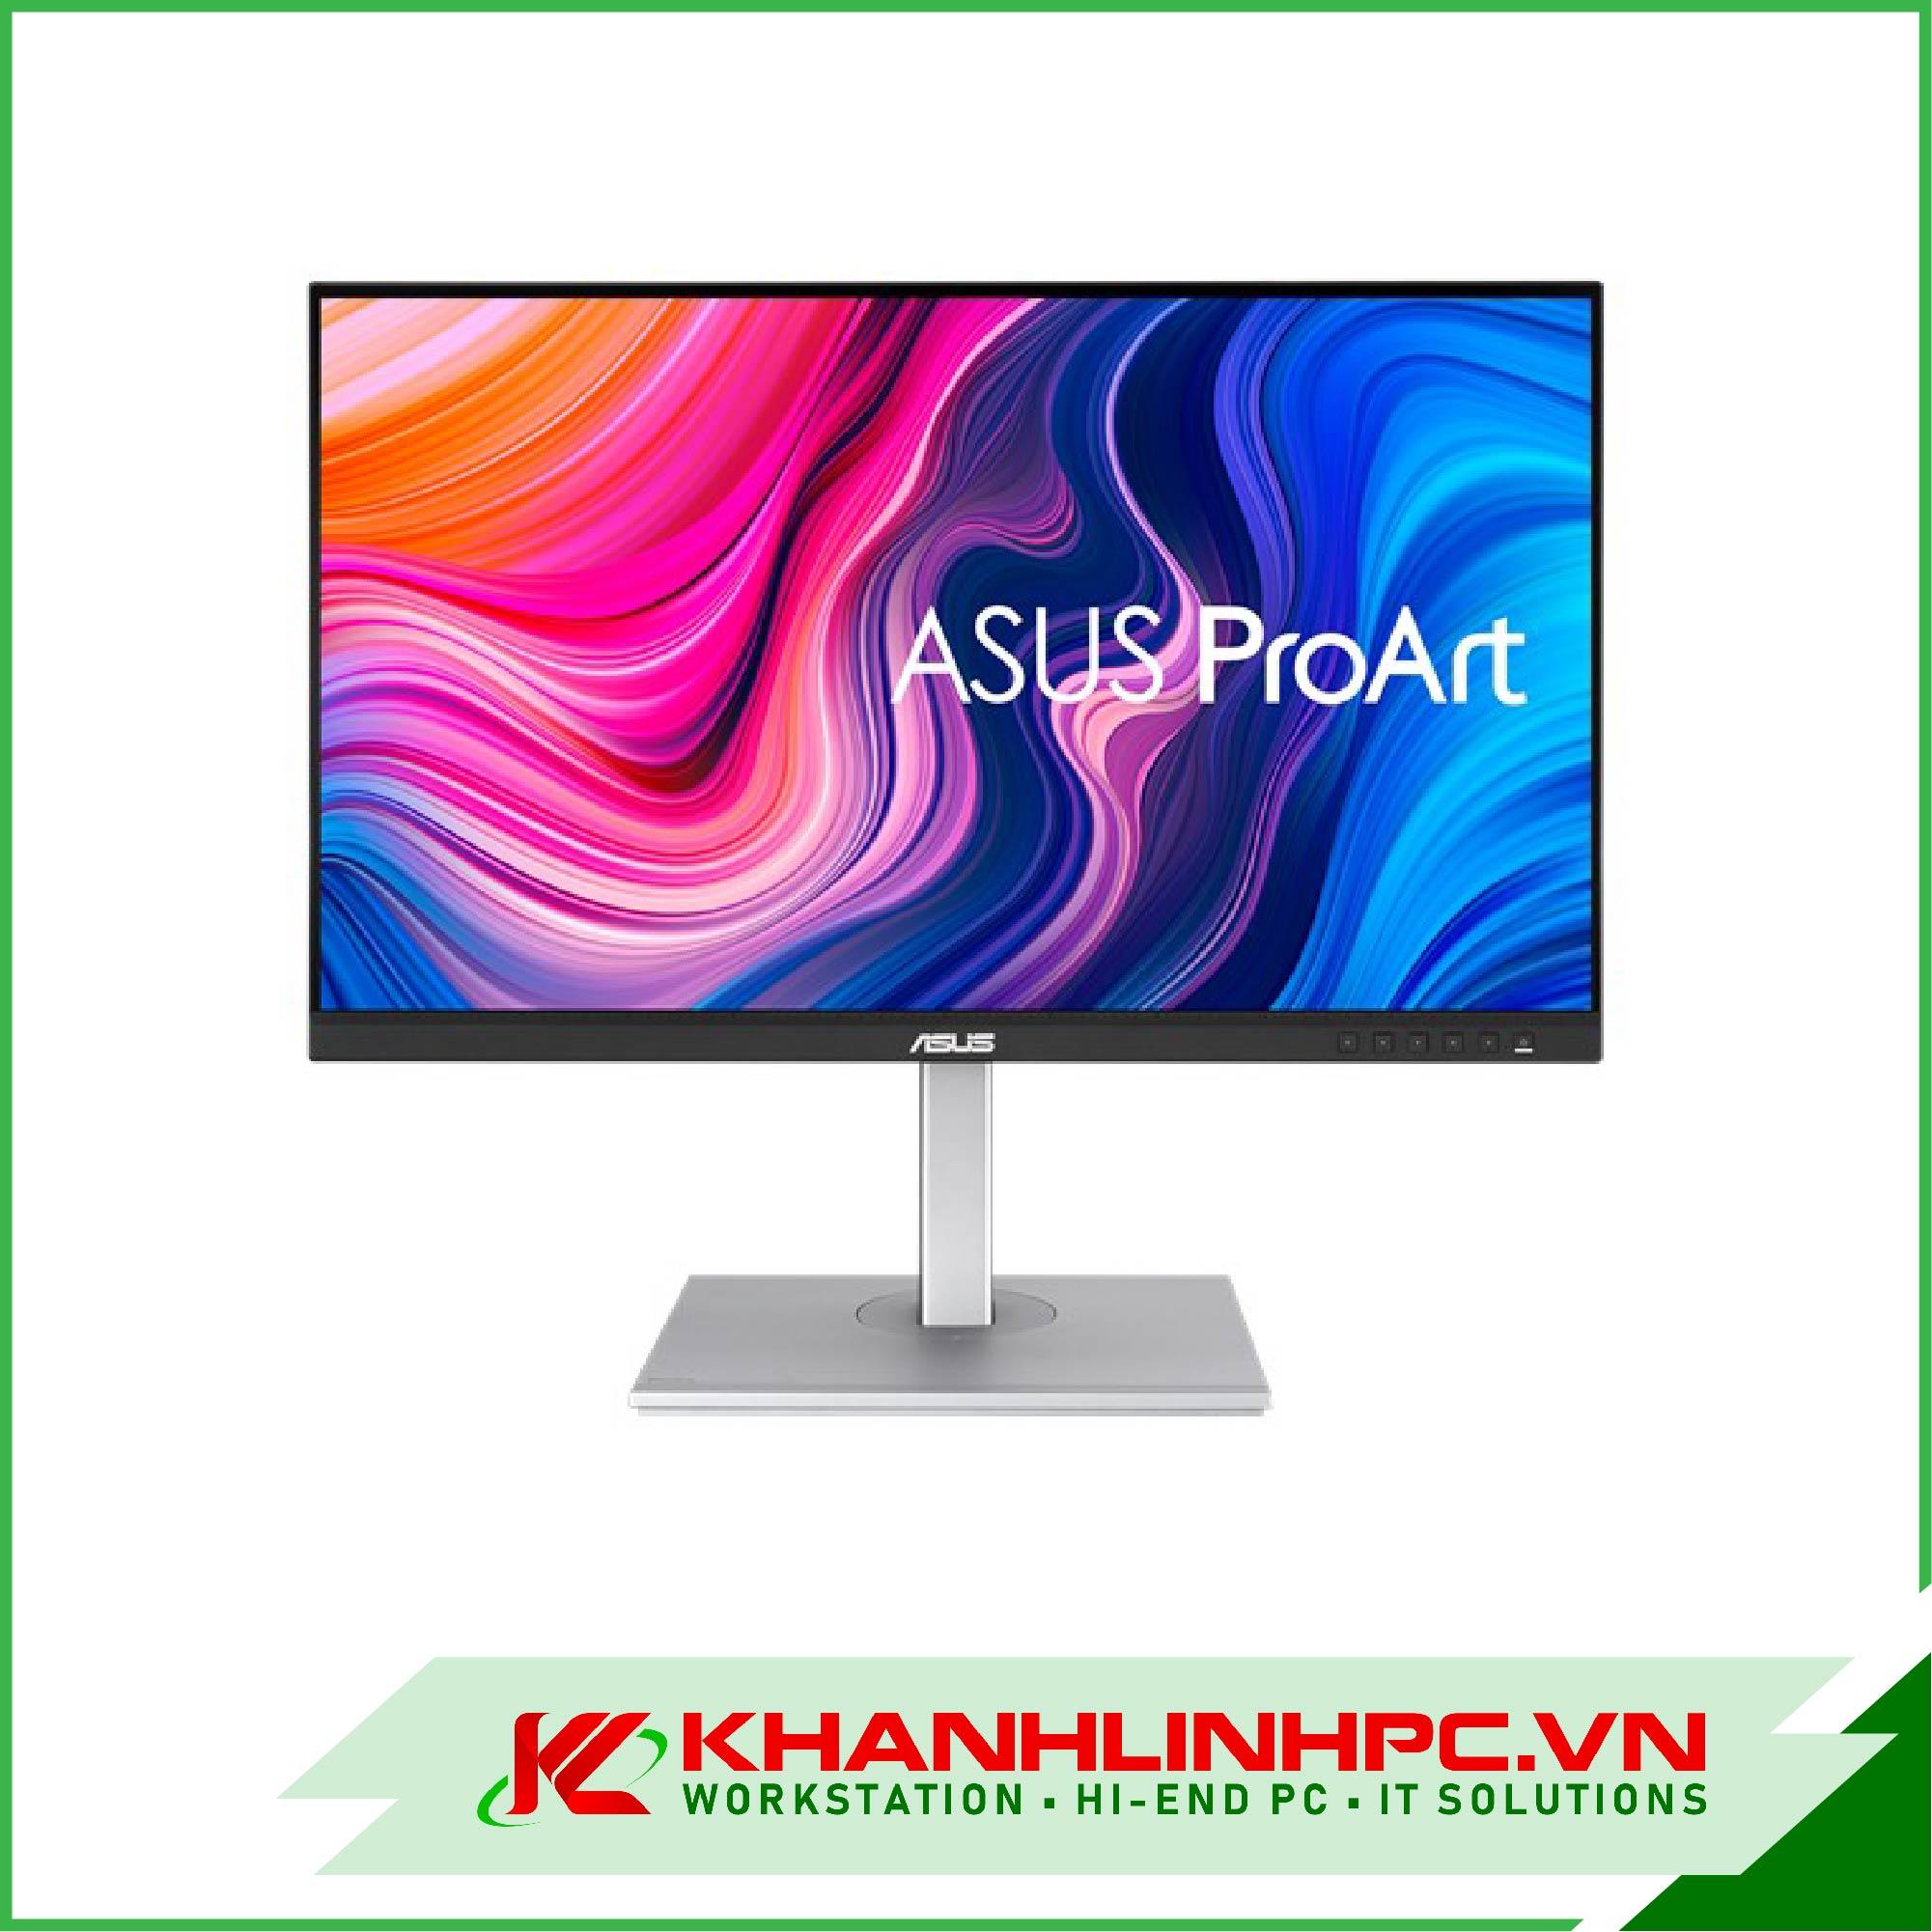 ASUS ProArt PA279CV - 27 inch, IPS, 4k UHD (3840 x 2160), 100% sRGB, USB-C - độ chính xác màu cực cao chuyên đồ họa